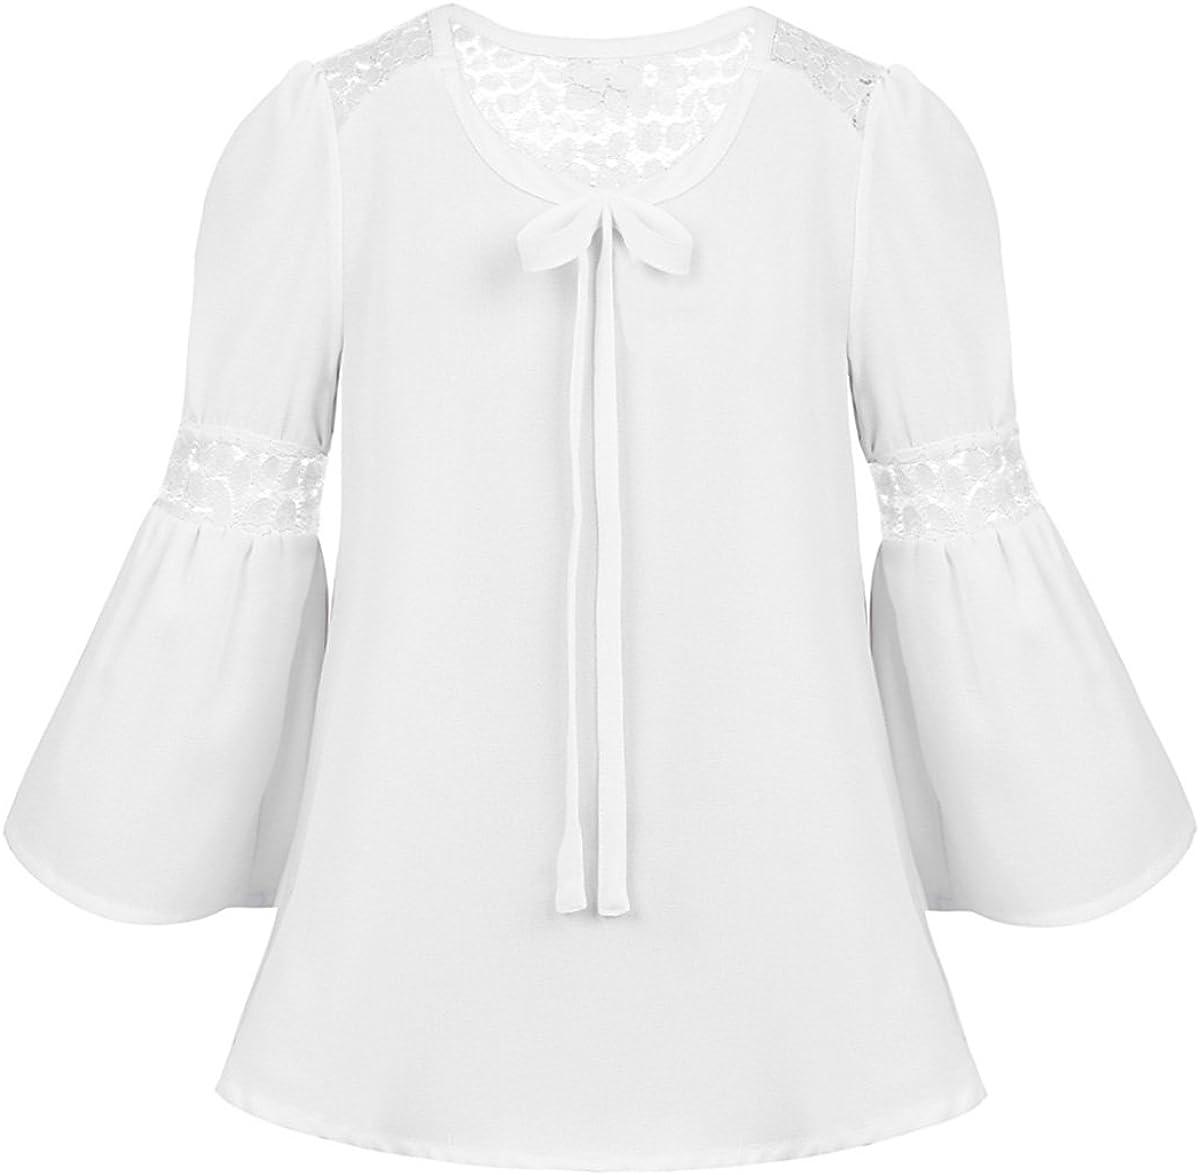 TiaoBug Blusa de Gasa Manga Larga para Niñas Chicas Camisa Encaje Blanca con Mangas de Bell Blusa Otoño Chicas: Amazon.es: Ropa y accesorios